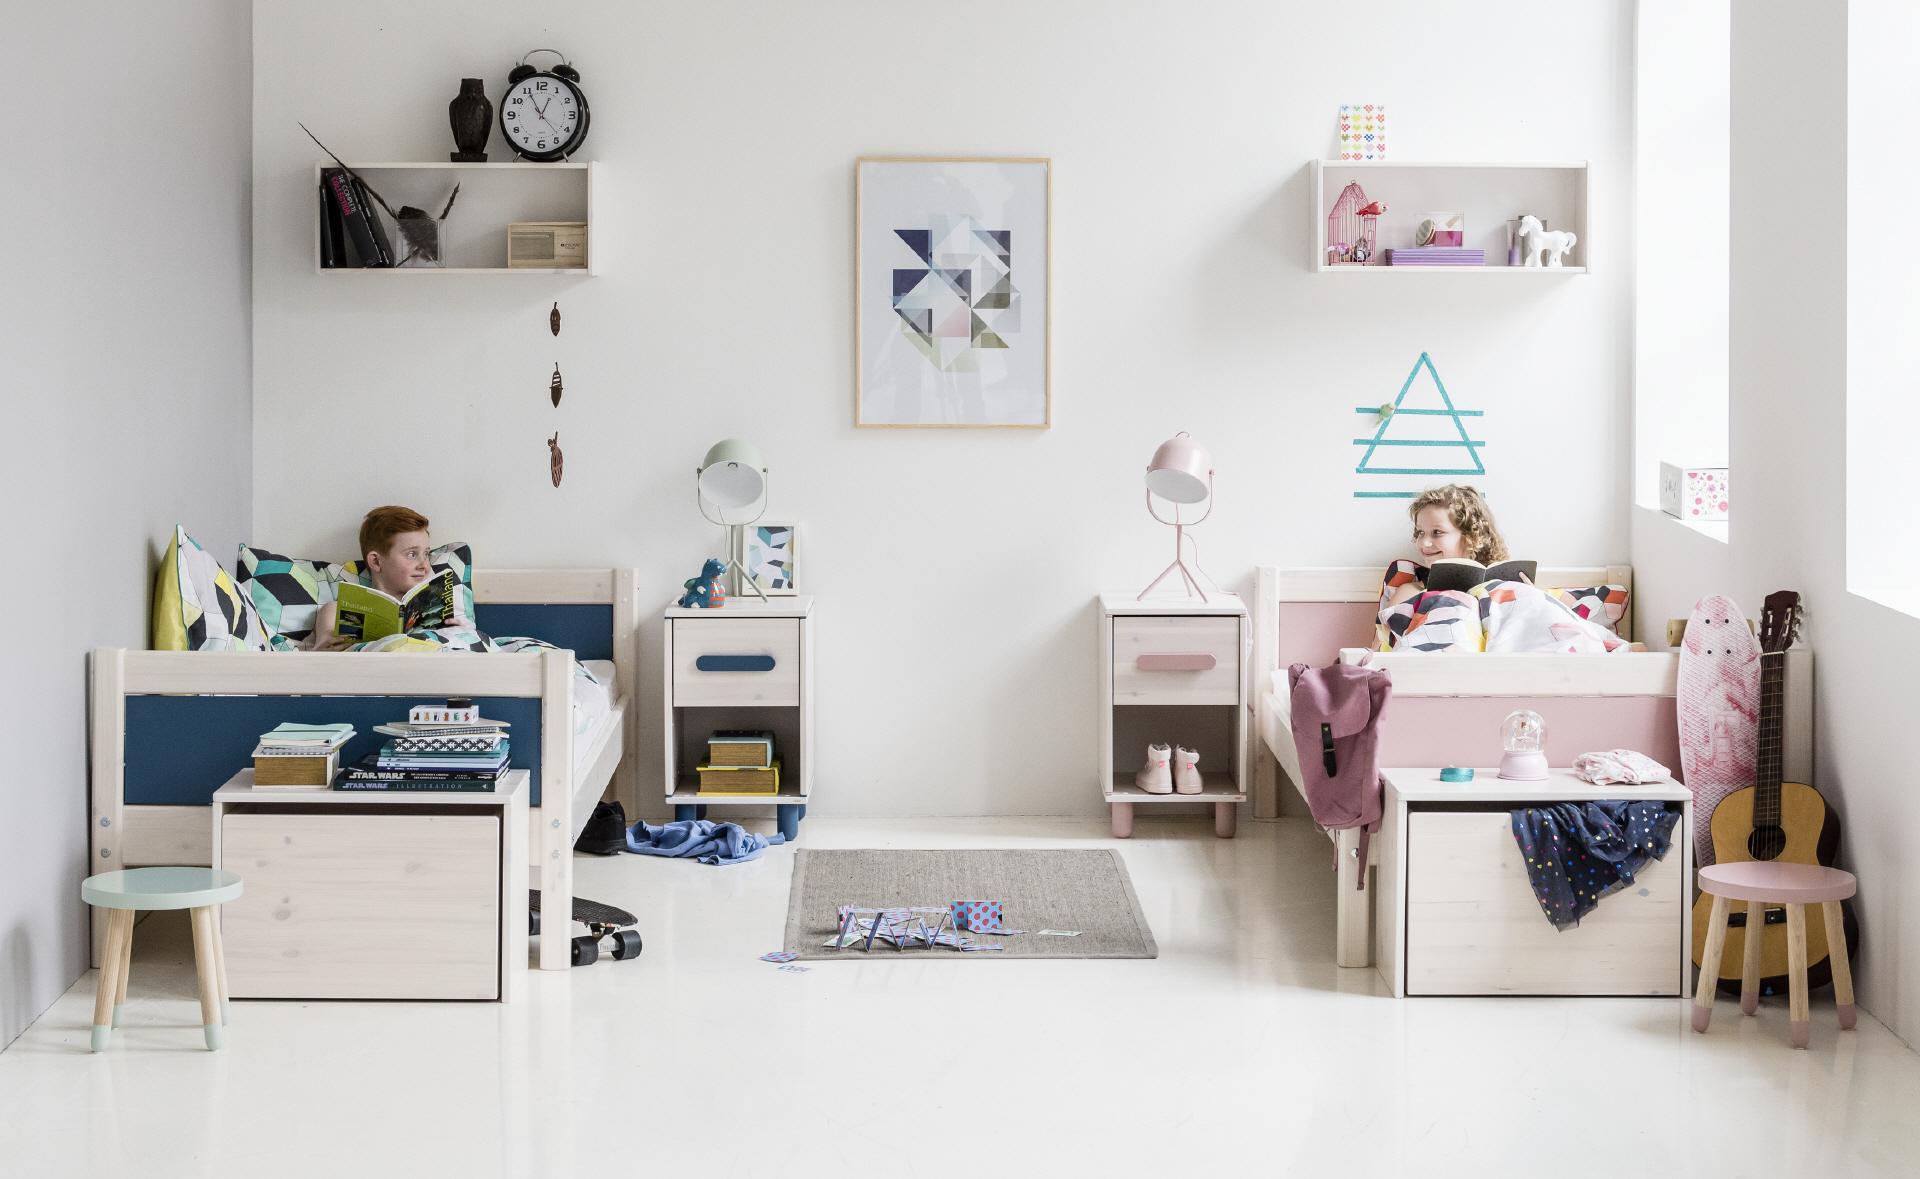 Etagenbett Flexa Absturzsicherung : Flexa shop online für möbel by kiste